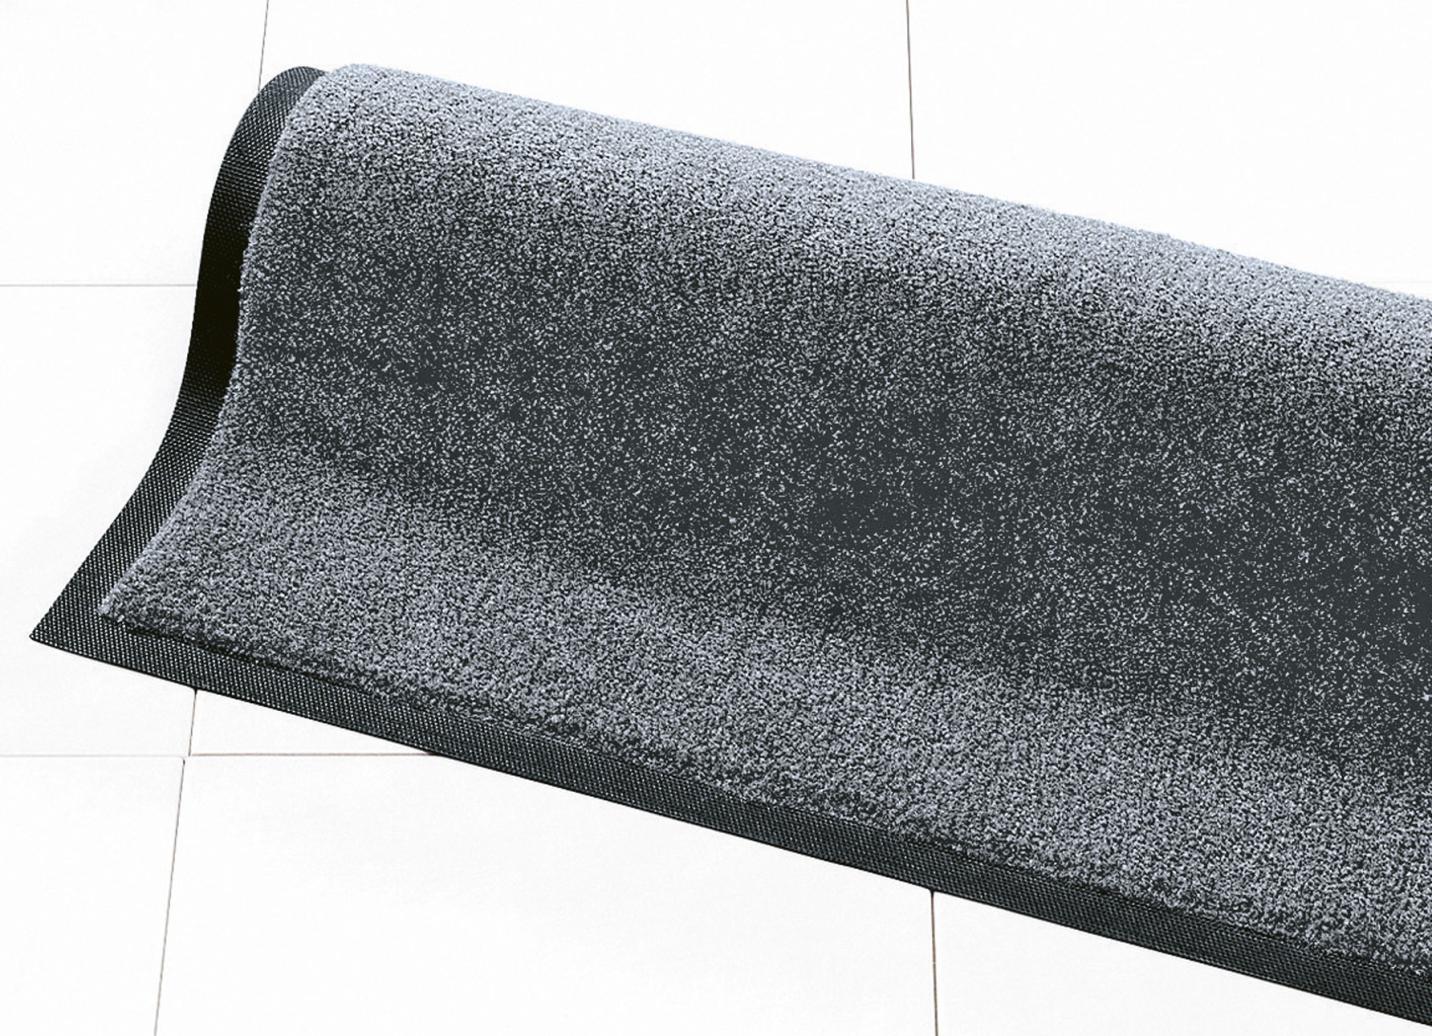 Schmutzfangmatten für innen und außen, Größe 101 (Matte, 40x 60 cm), Anthrazit